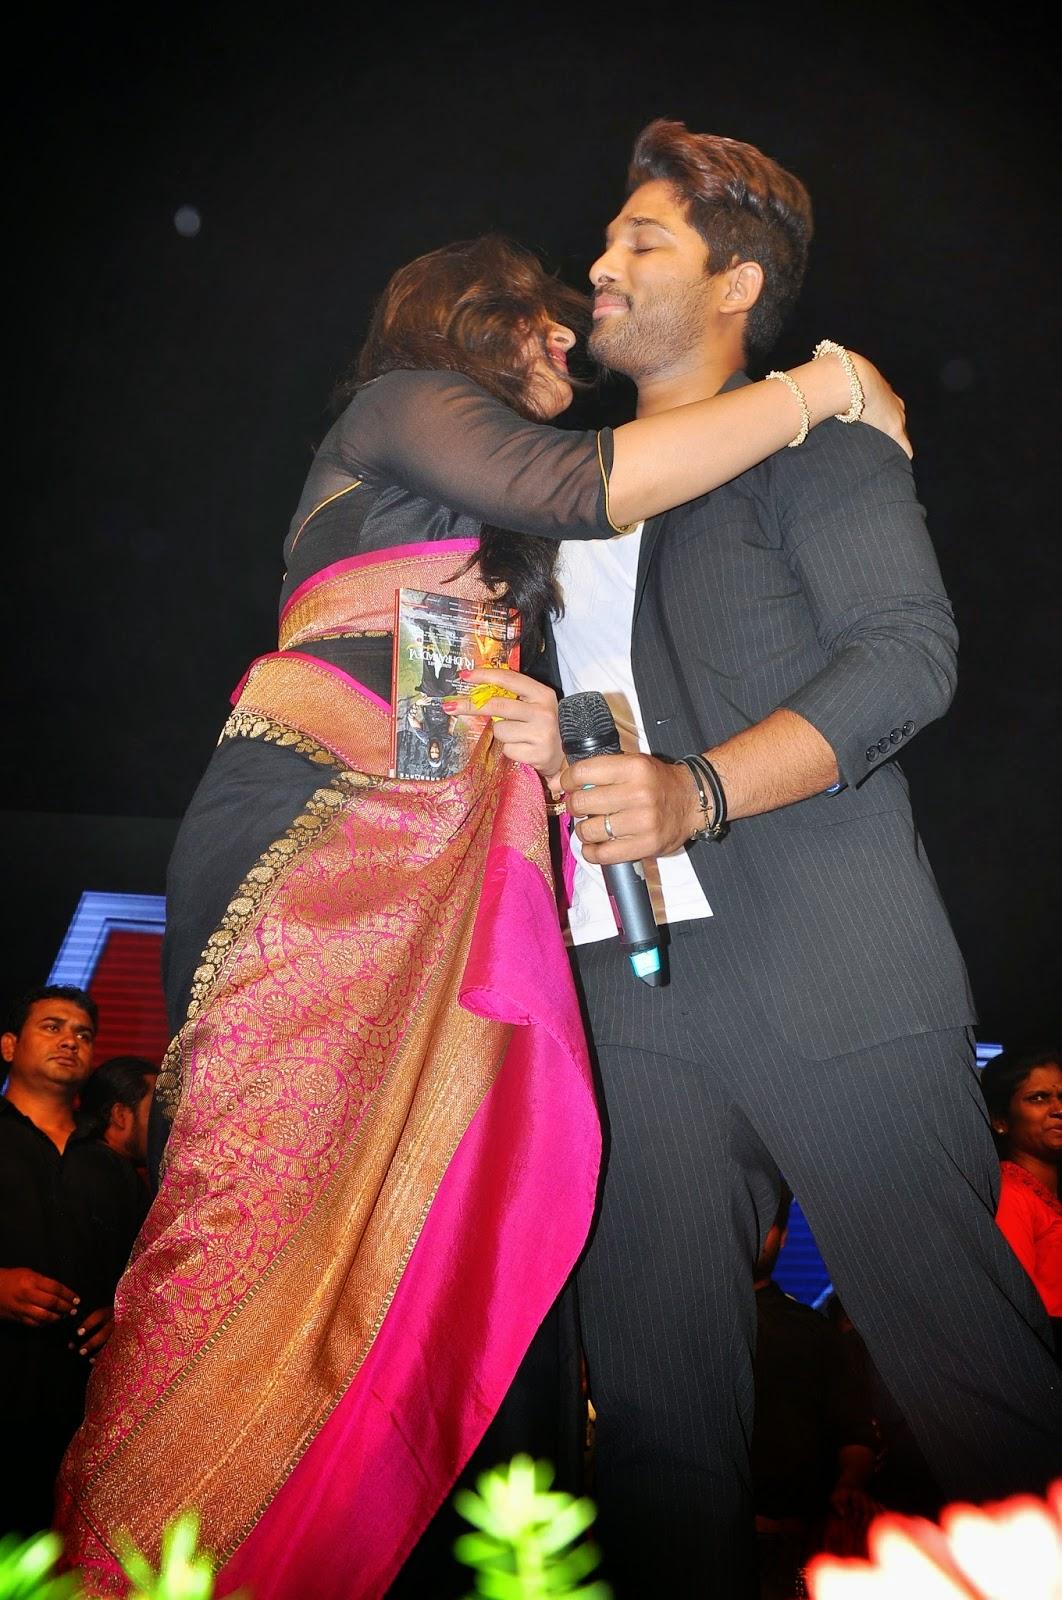 Allu Arjun Romantic Tight Hug to Anushka shetty